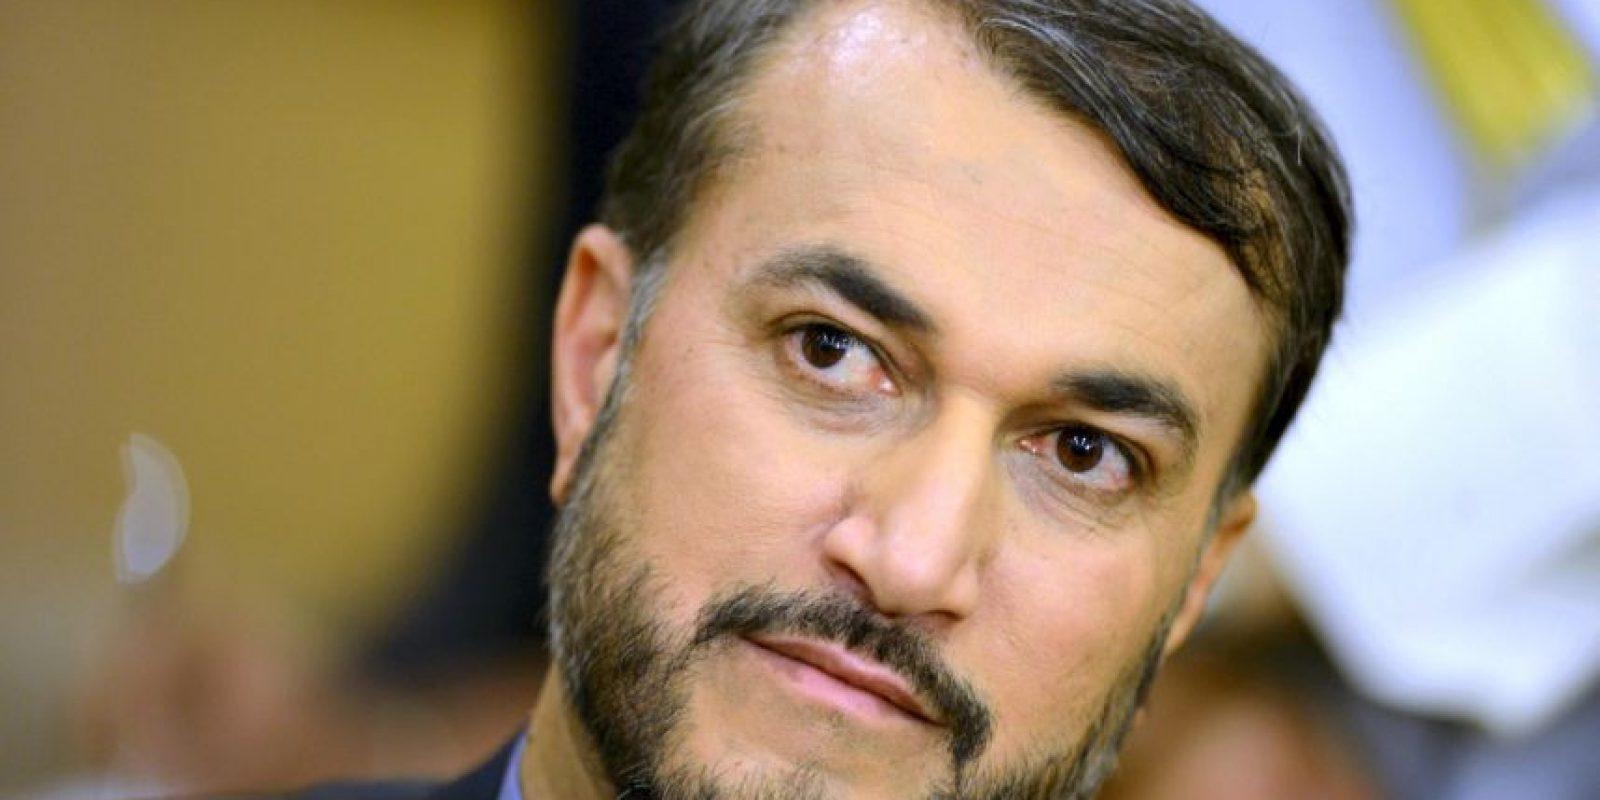 9. Las inspecciones han sido otro de los temas difíciles de las negociaciones, ya que los países involucrados quieren que Irán esté bajo un estricto régimen de inspecciones para que no siga con el programa a escondidas. Foto:AFP